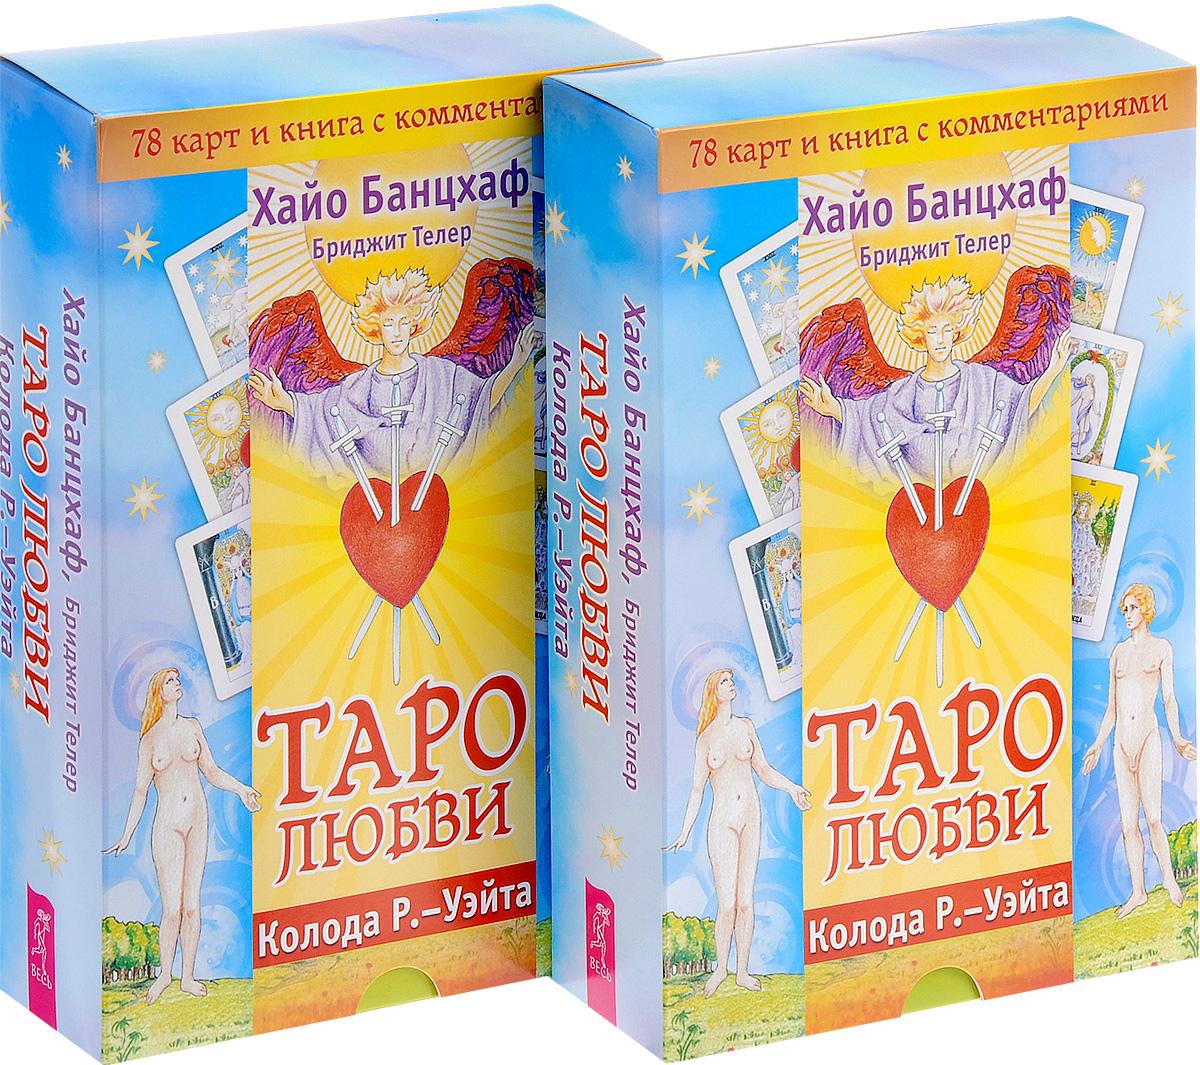 Таро любви (комплект из 2 книг + 2 колоды карт)